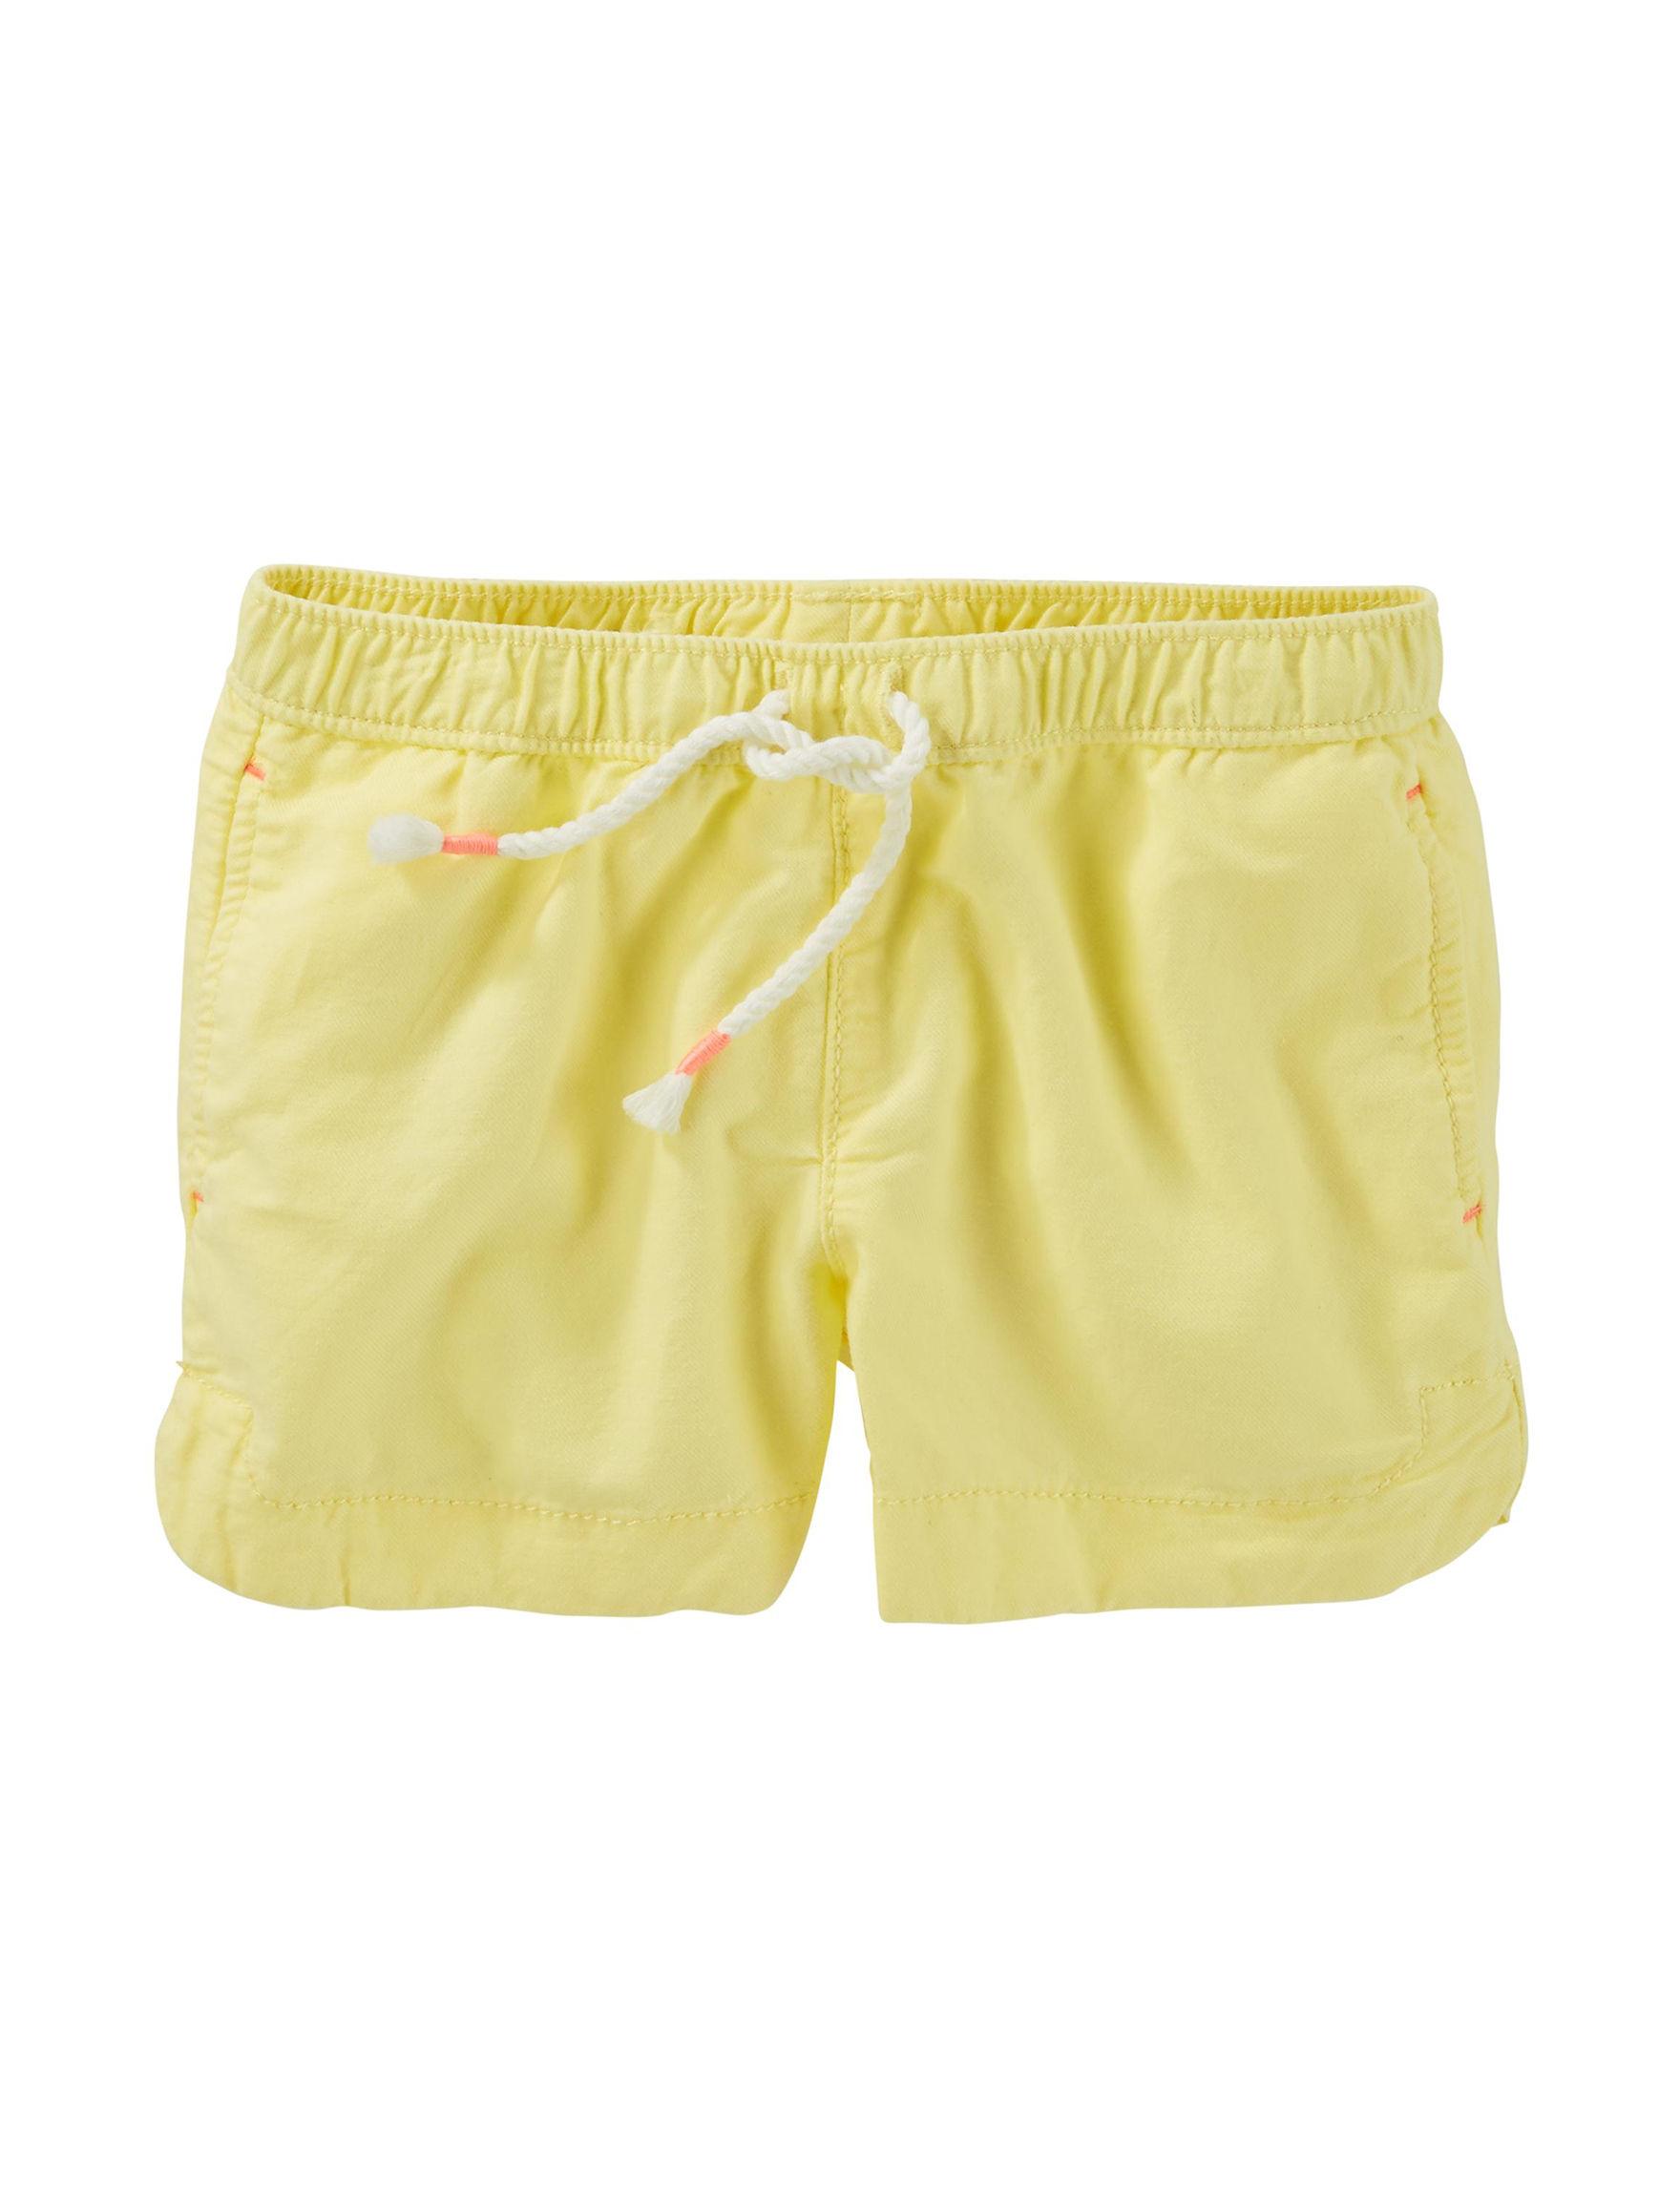 Oshkosh B'Gosh Yellow